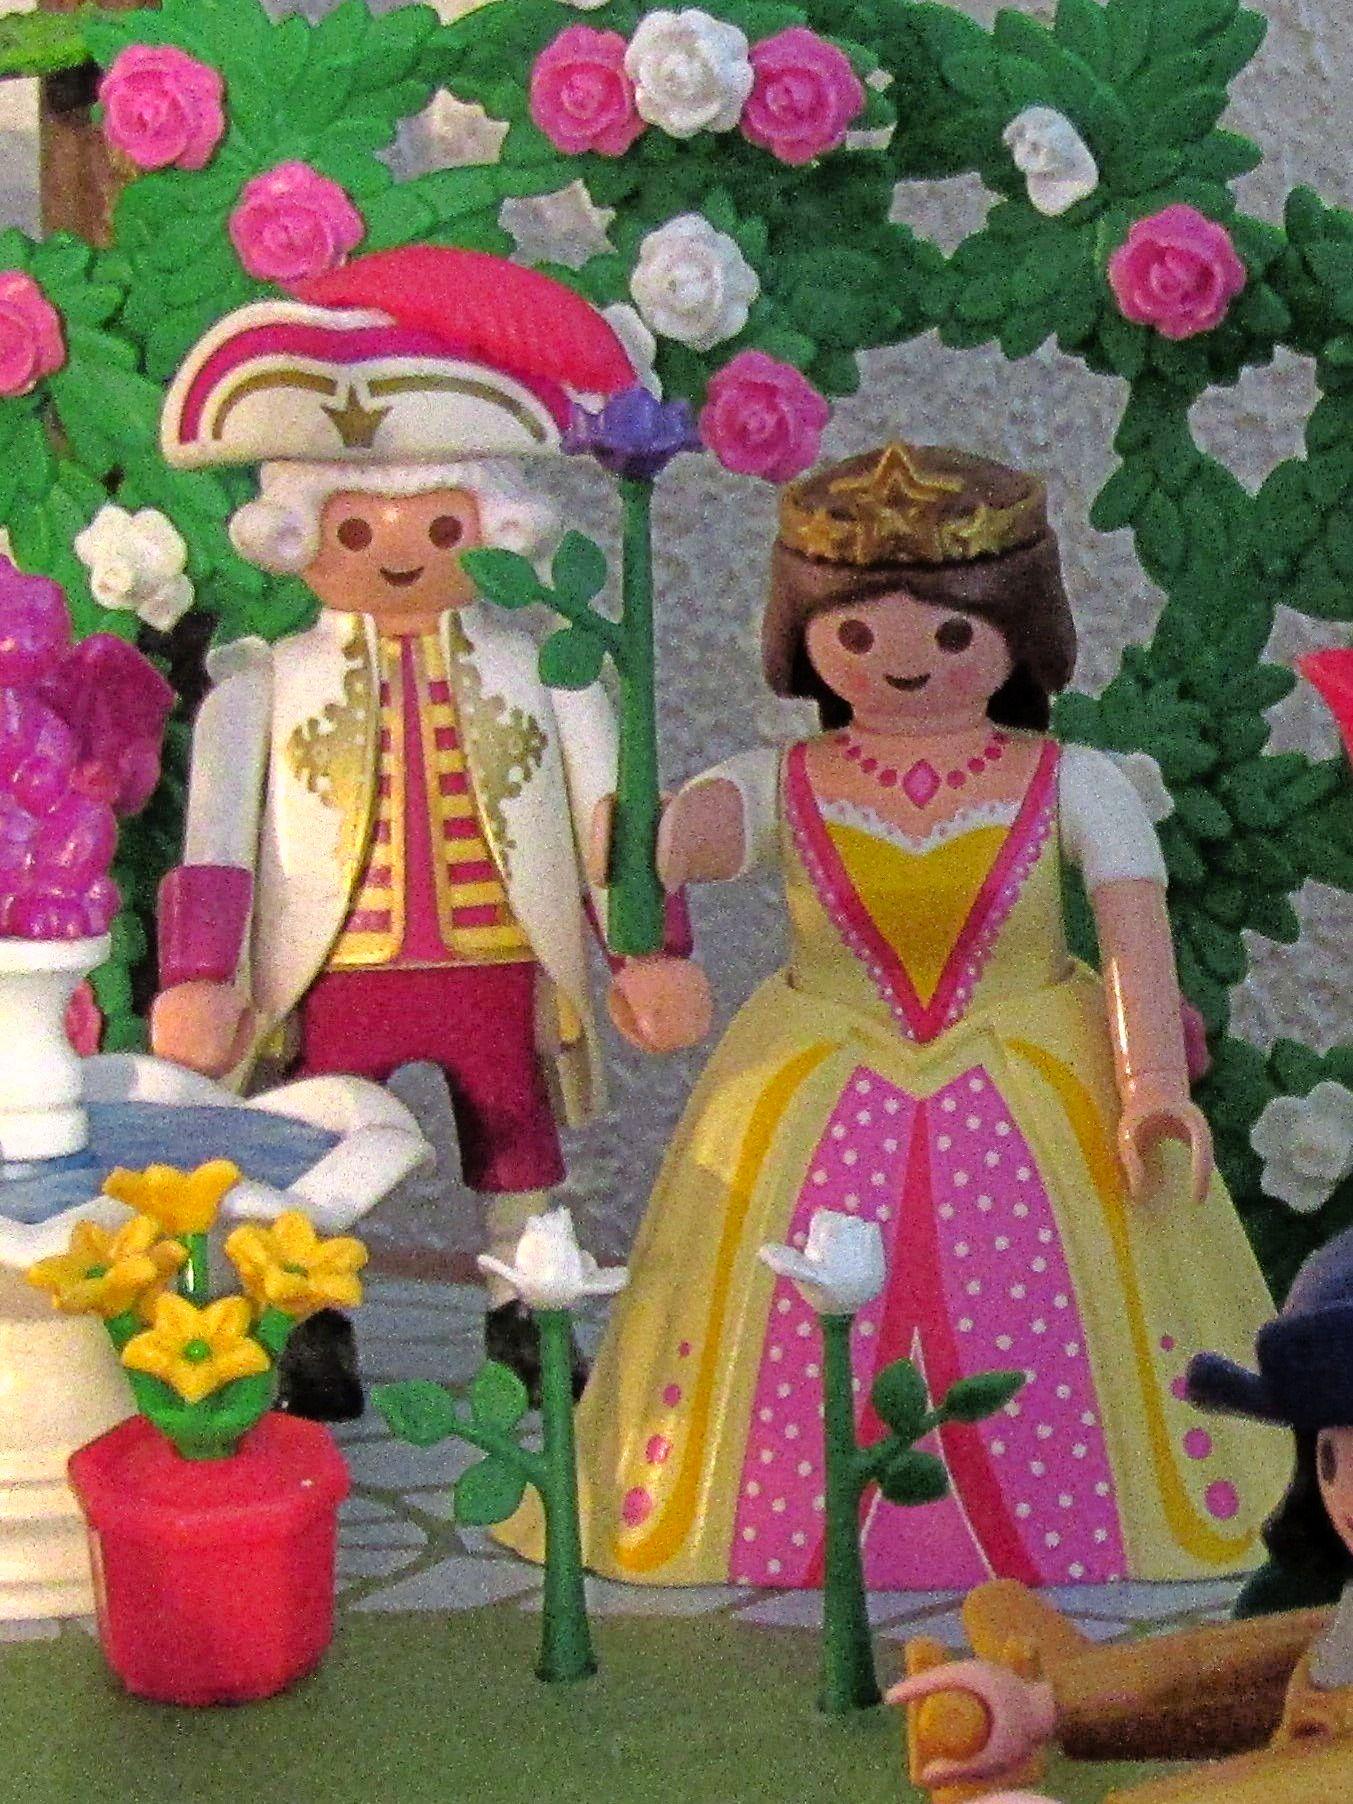 Garden Party Playmobil Spielzeug